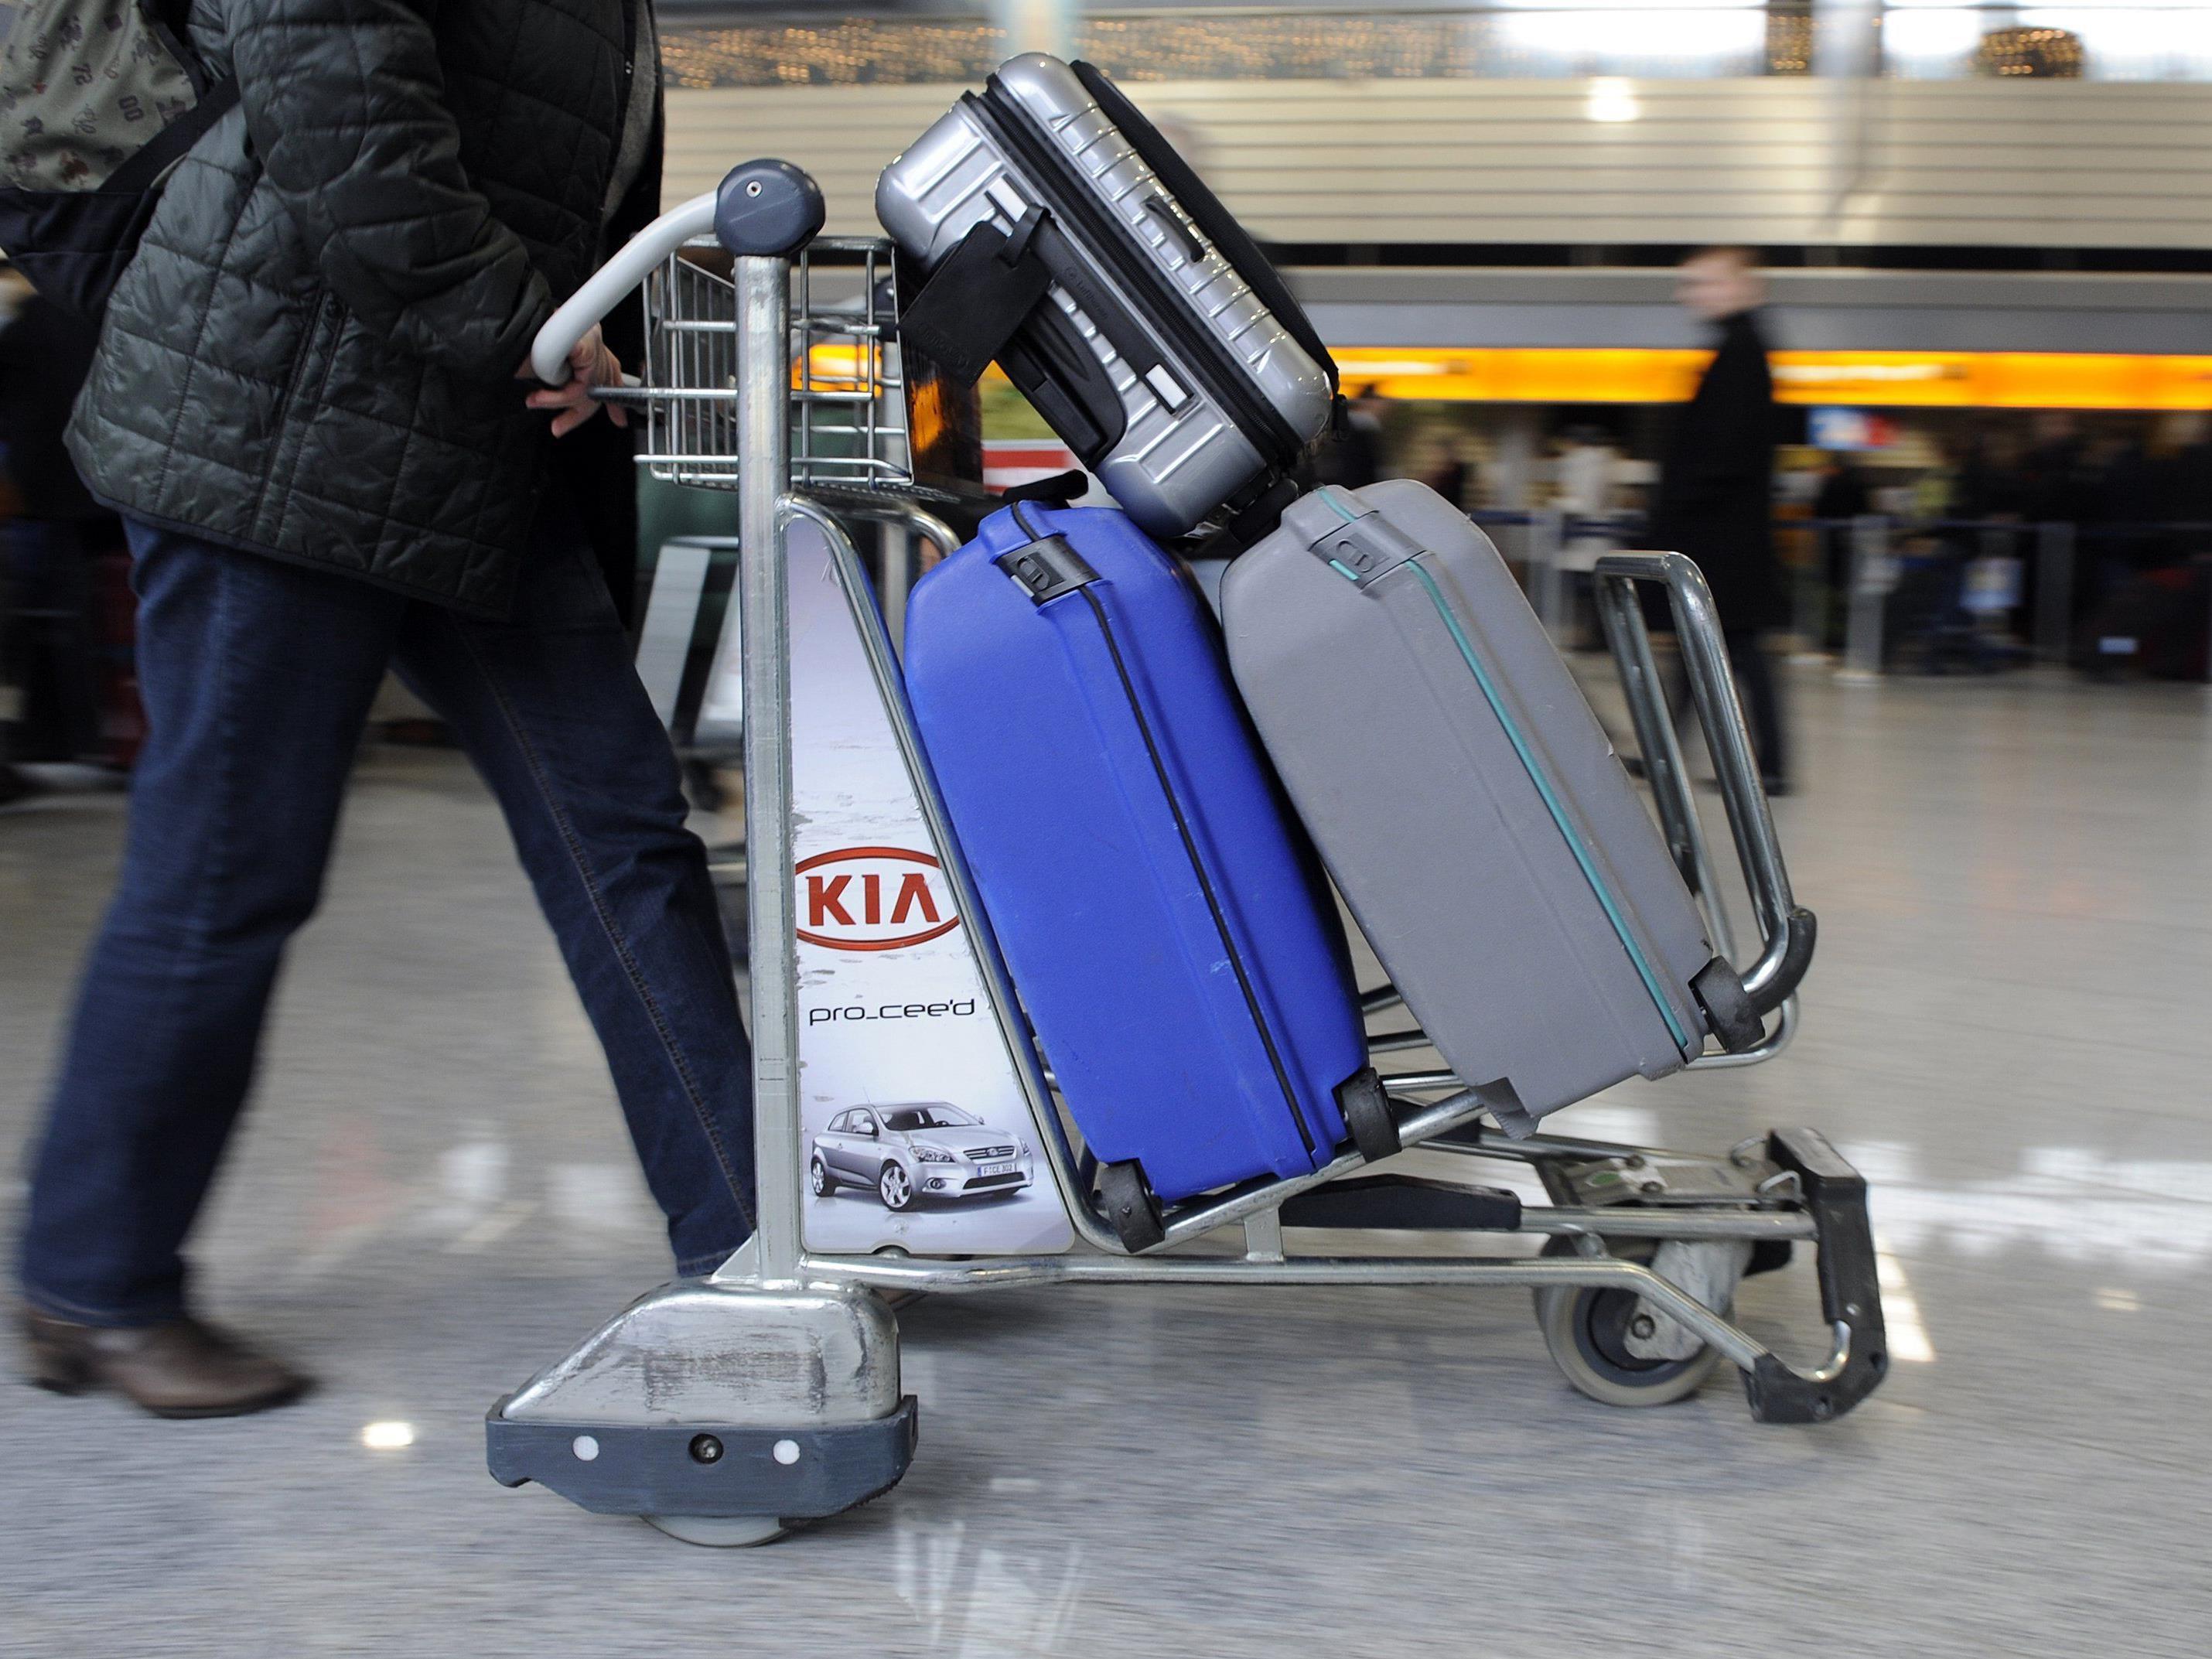 Extrakosten: Gerade Billigflug-Gesellschaften machen damit ihr Geld